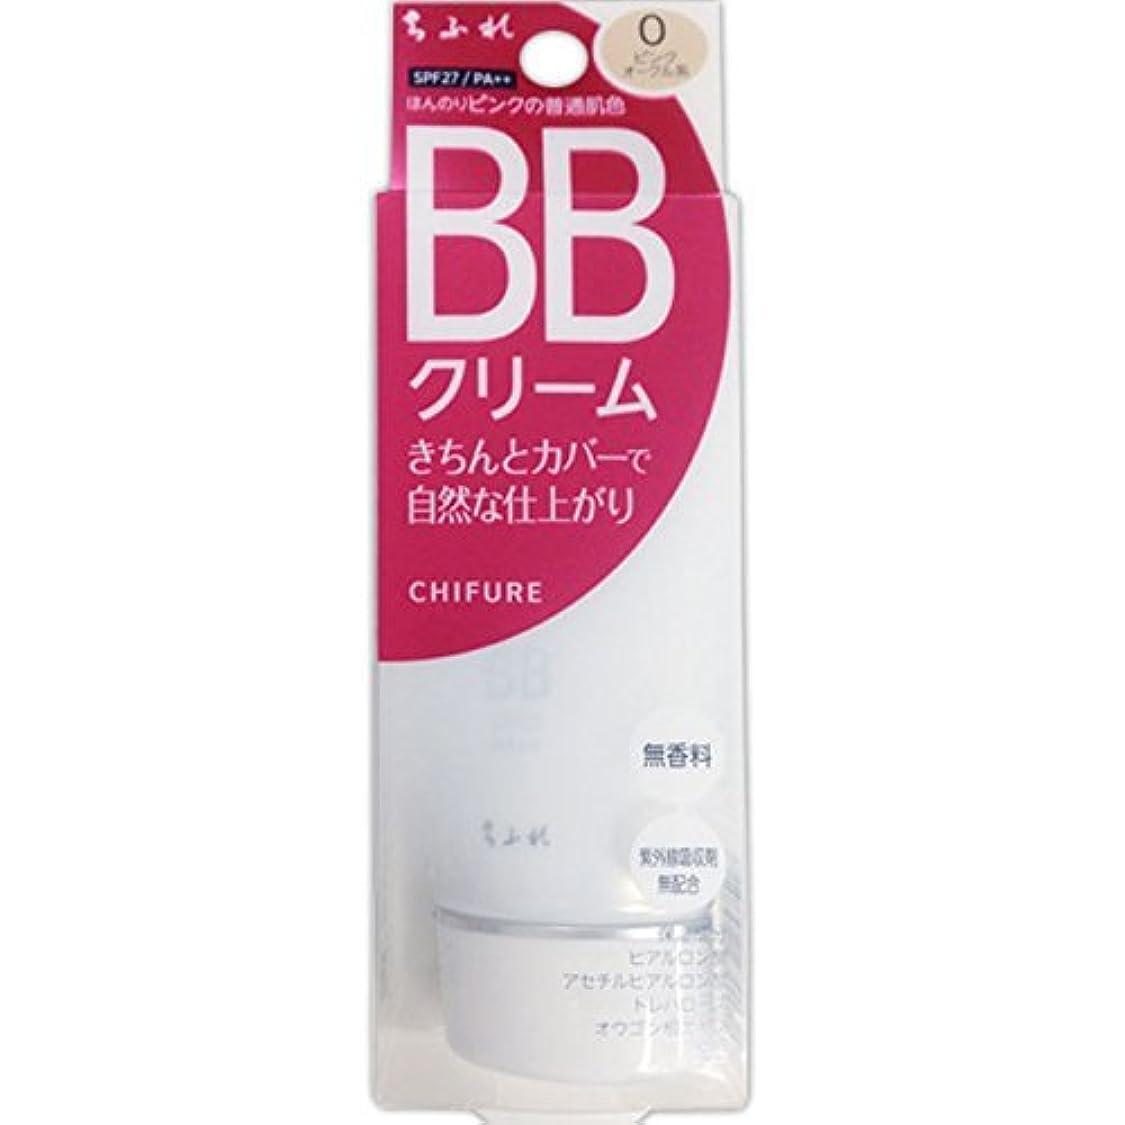 オートマトン便利さシェアちふれ化粧品 BB クリーム ほんのりピンクの普通肌色 0